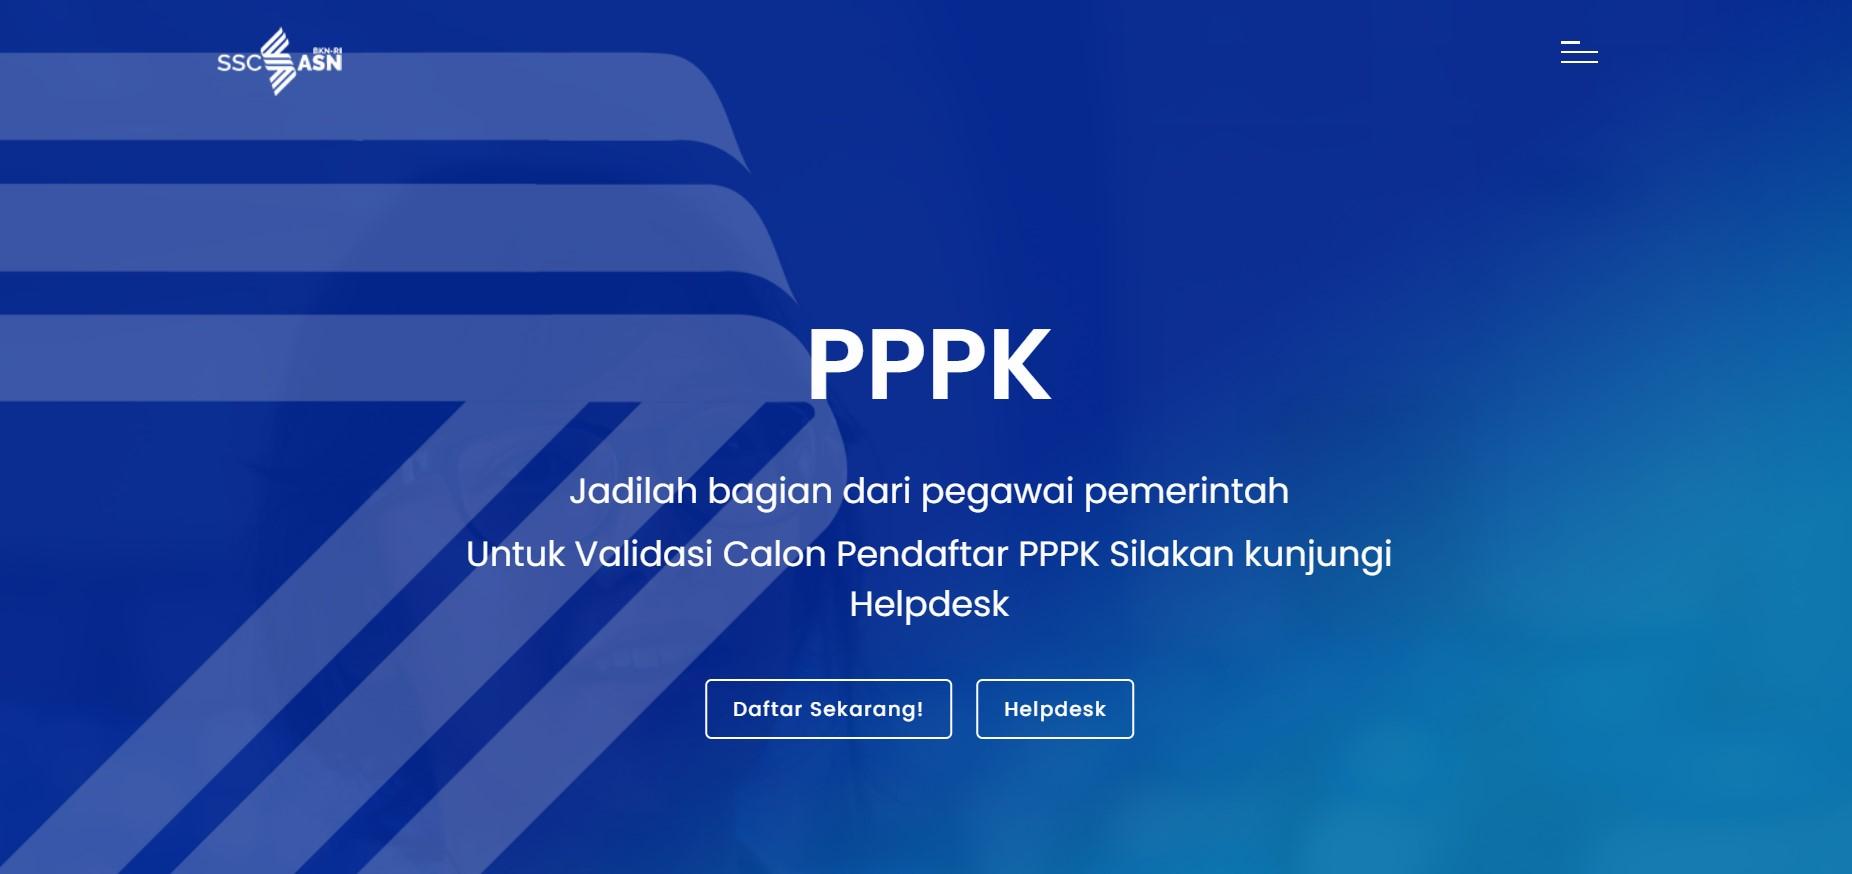 formasi-pppk-terbaru-2021